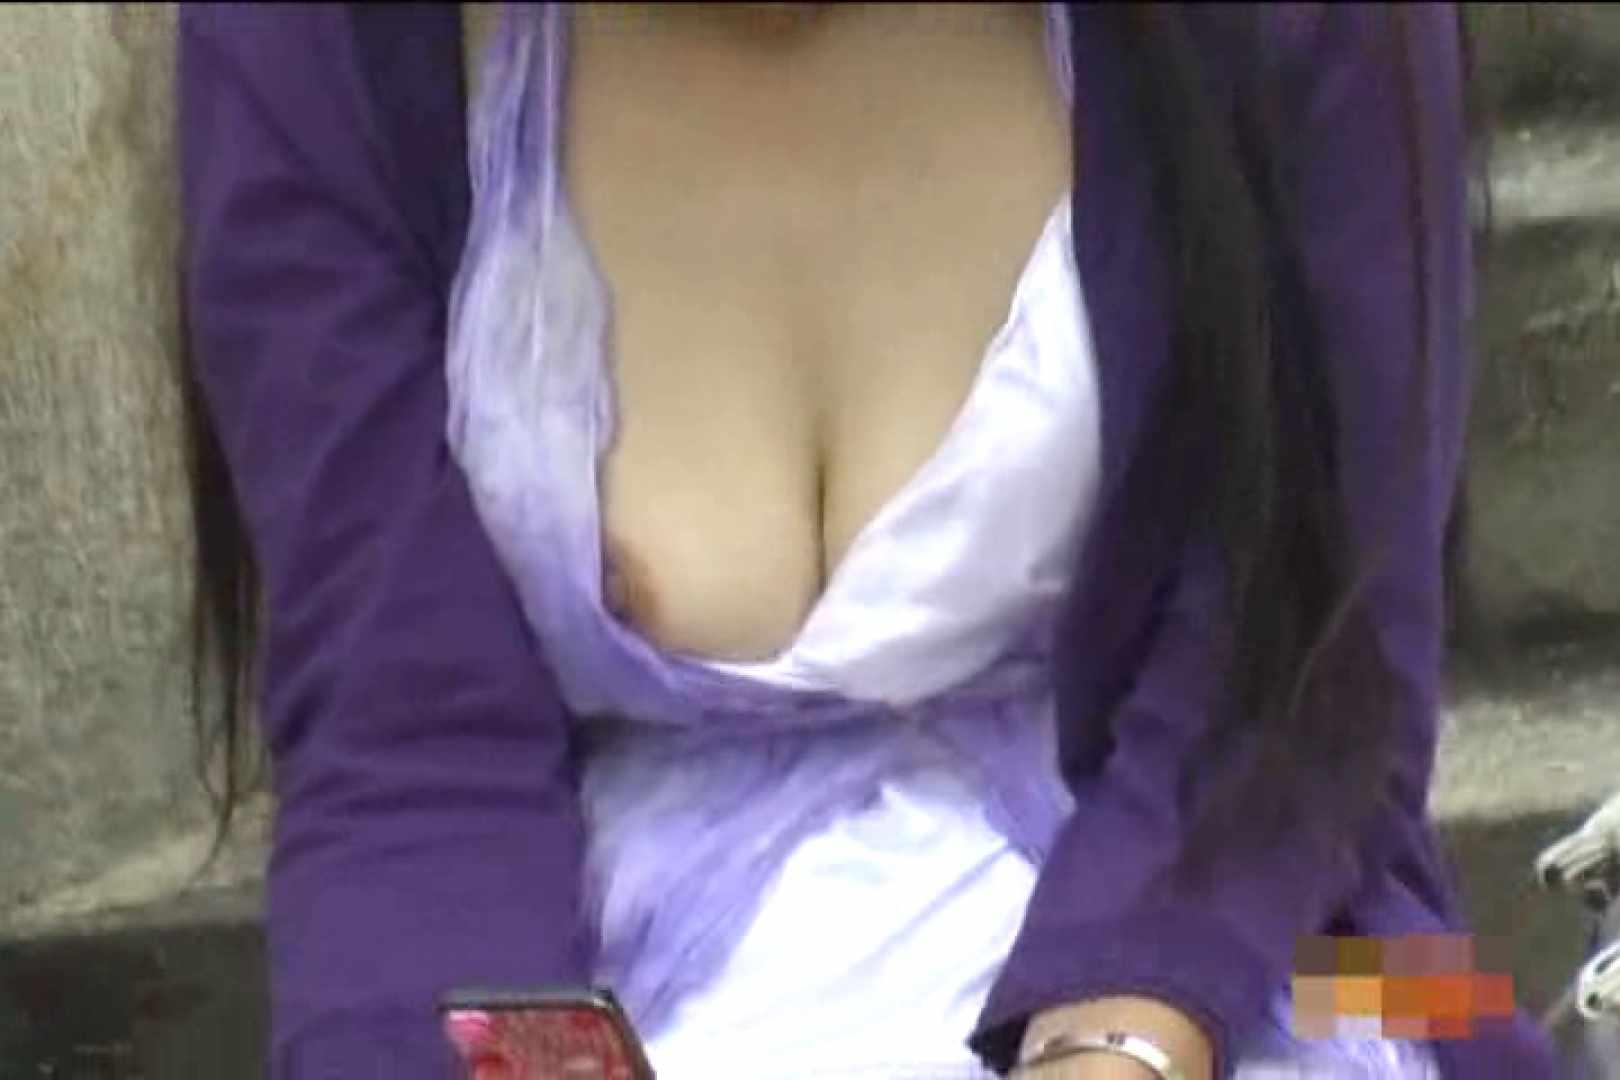 大胆露出胸チラギャル大量発生中!!Vol.1 乳首  103pic 78